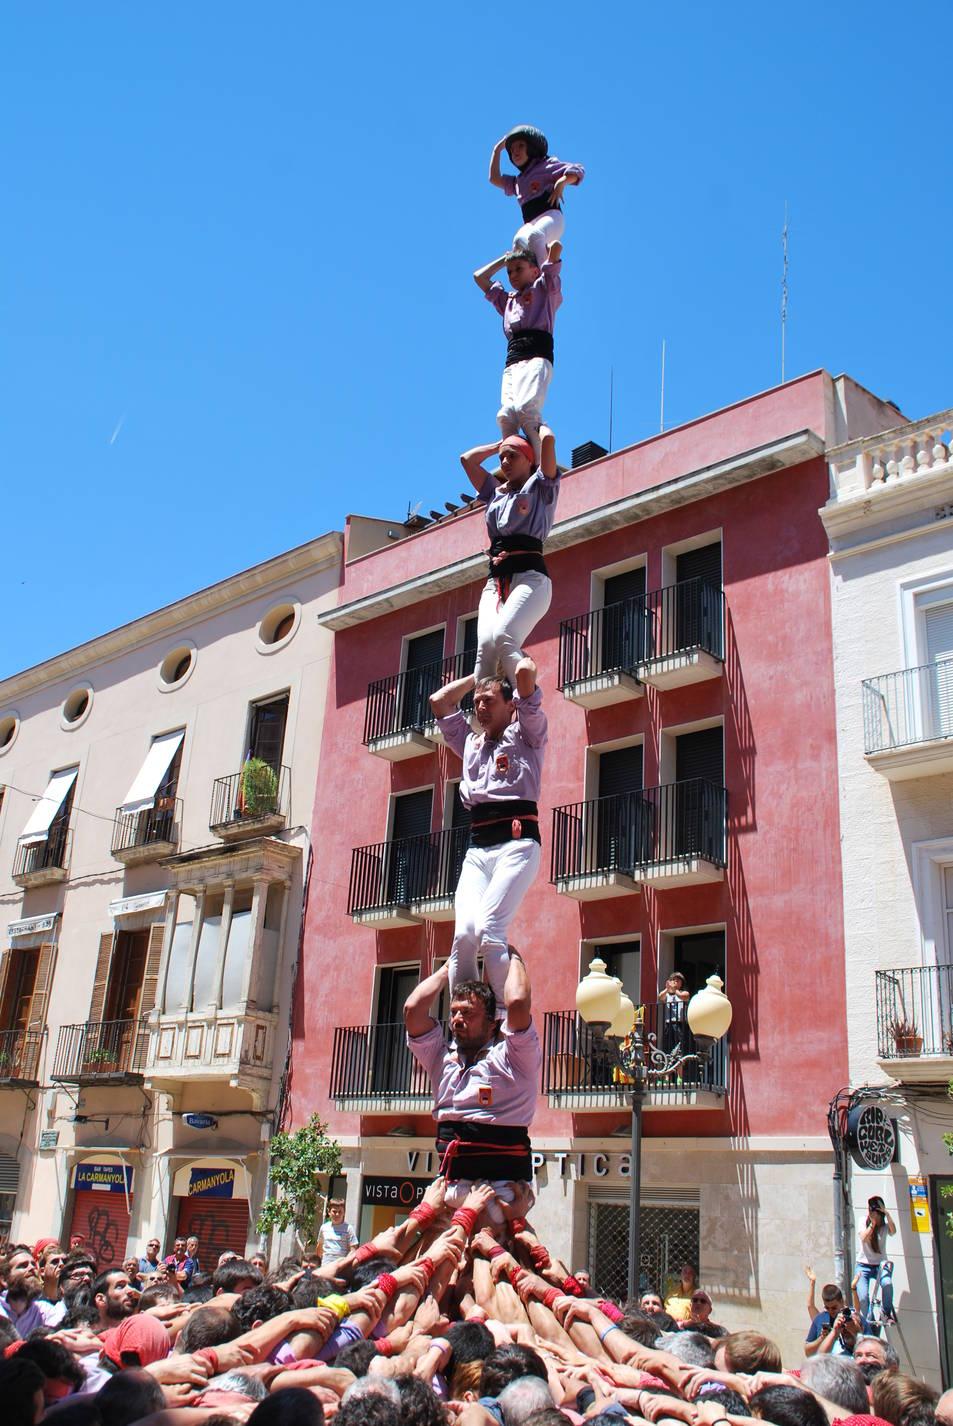 Pilar de 6 de la Colla Jove de Tarragona a la diada de La Grallada de Vilanova.